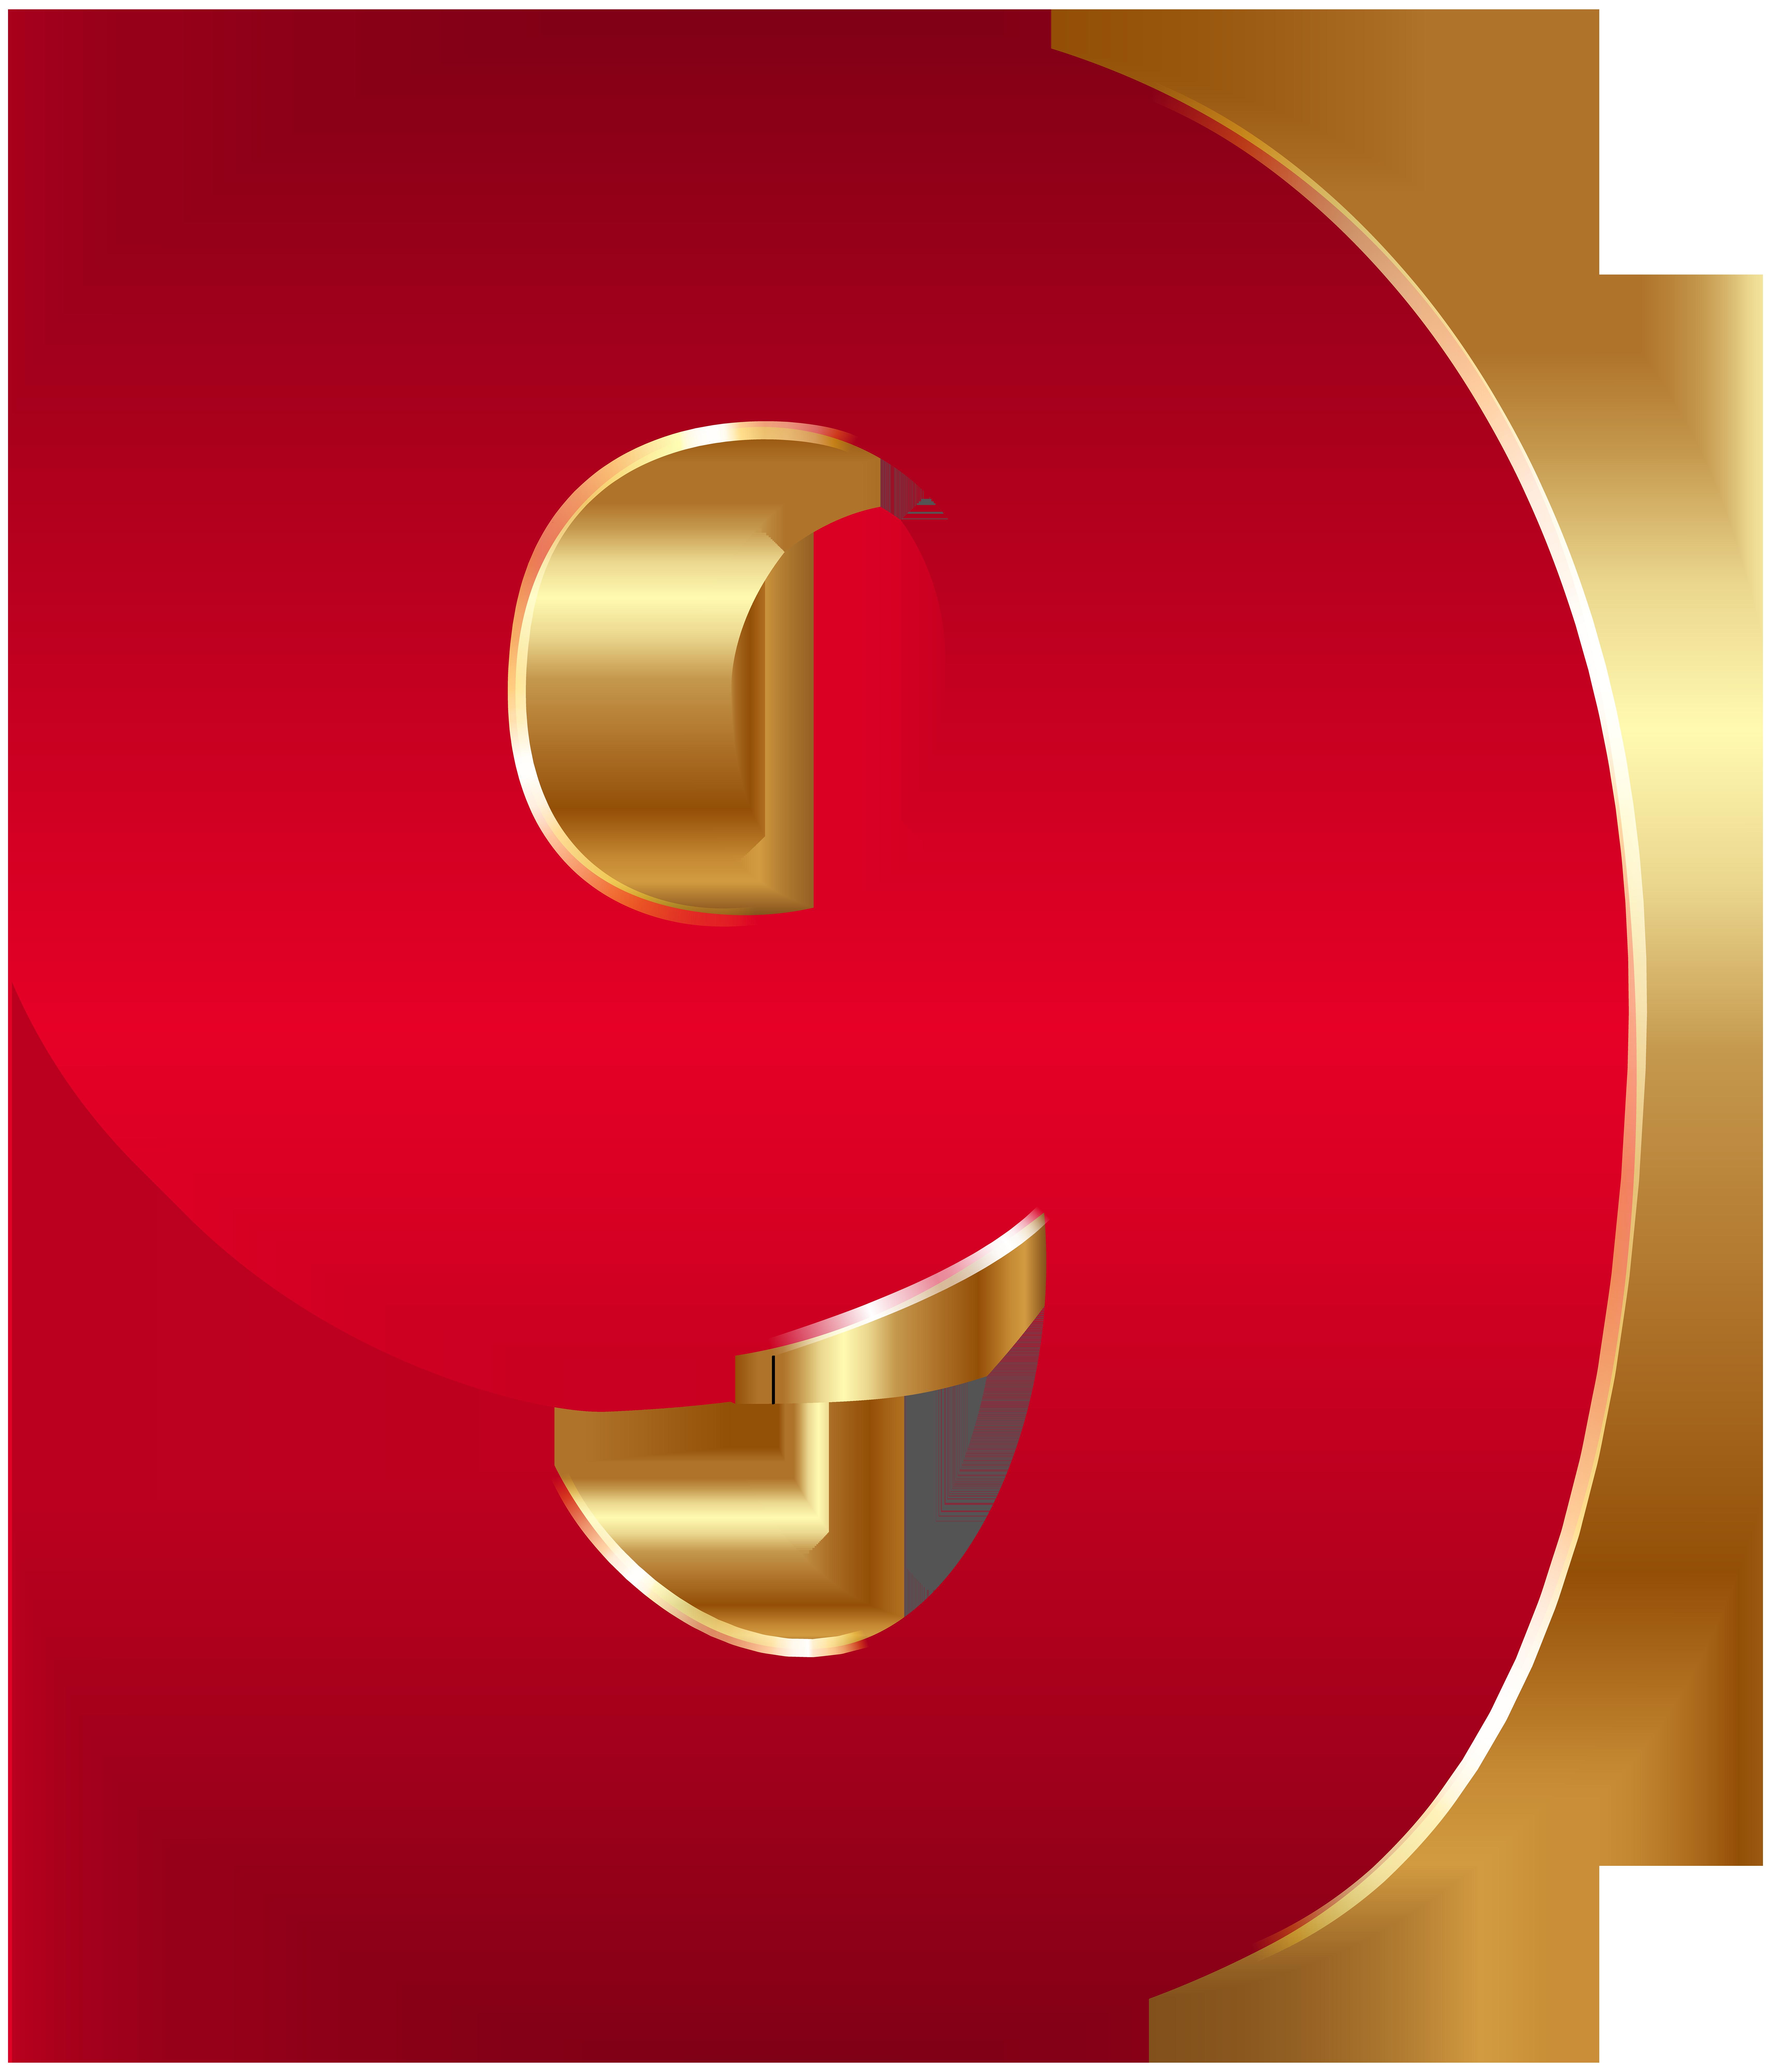 3D Number Nine Red Gold PNG Clip Art Image.